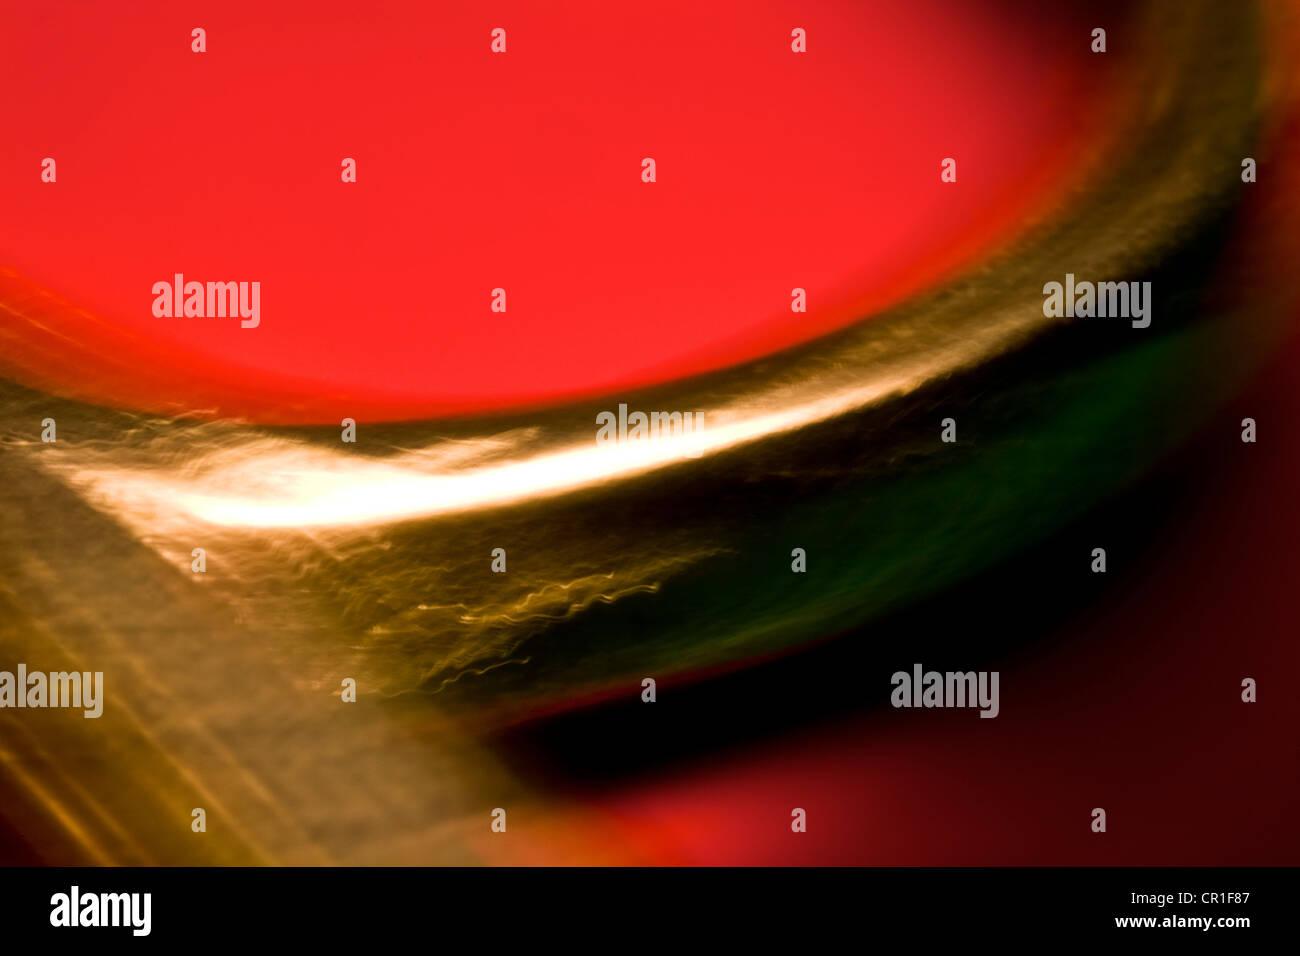 Extreme closeup de tijeras. Resumen imagen tomada con una lente macro de gran ampliación. Imagen De Stock